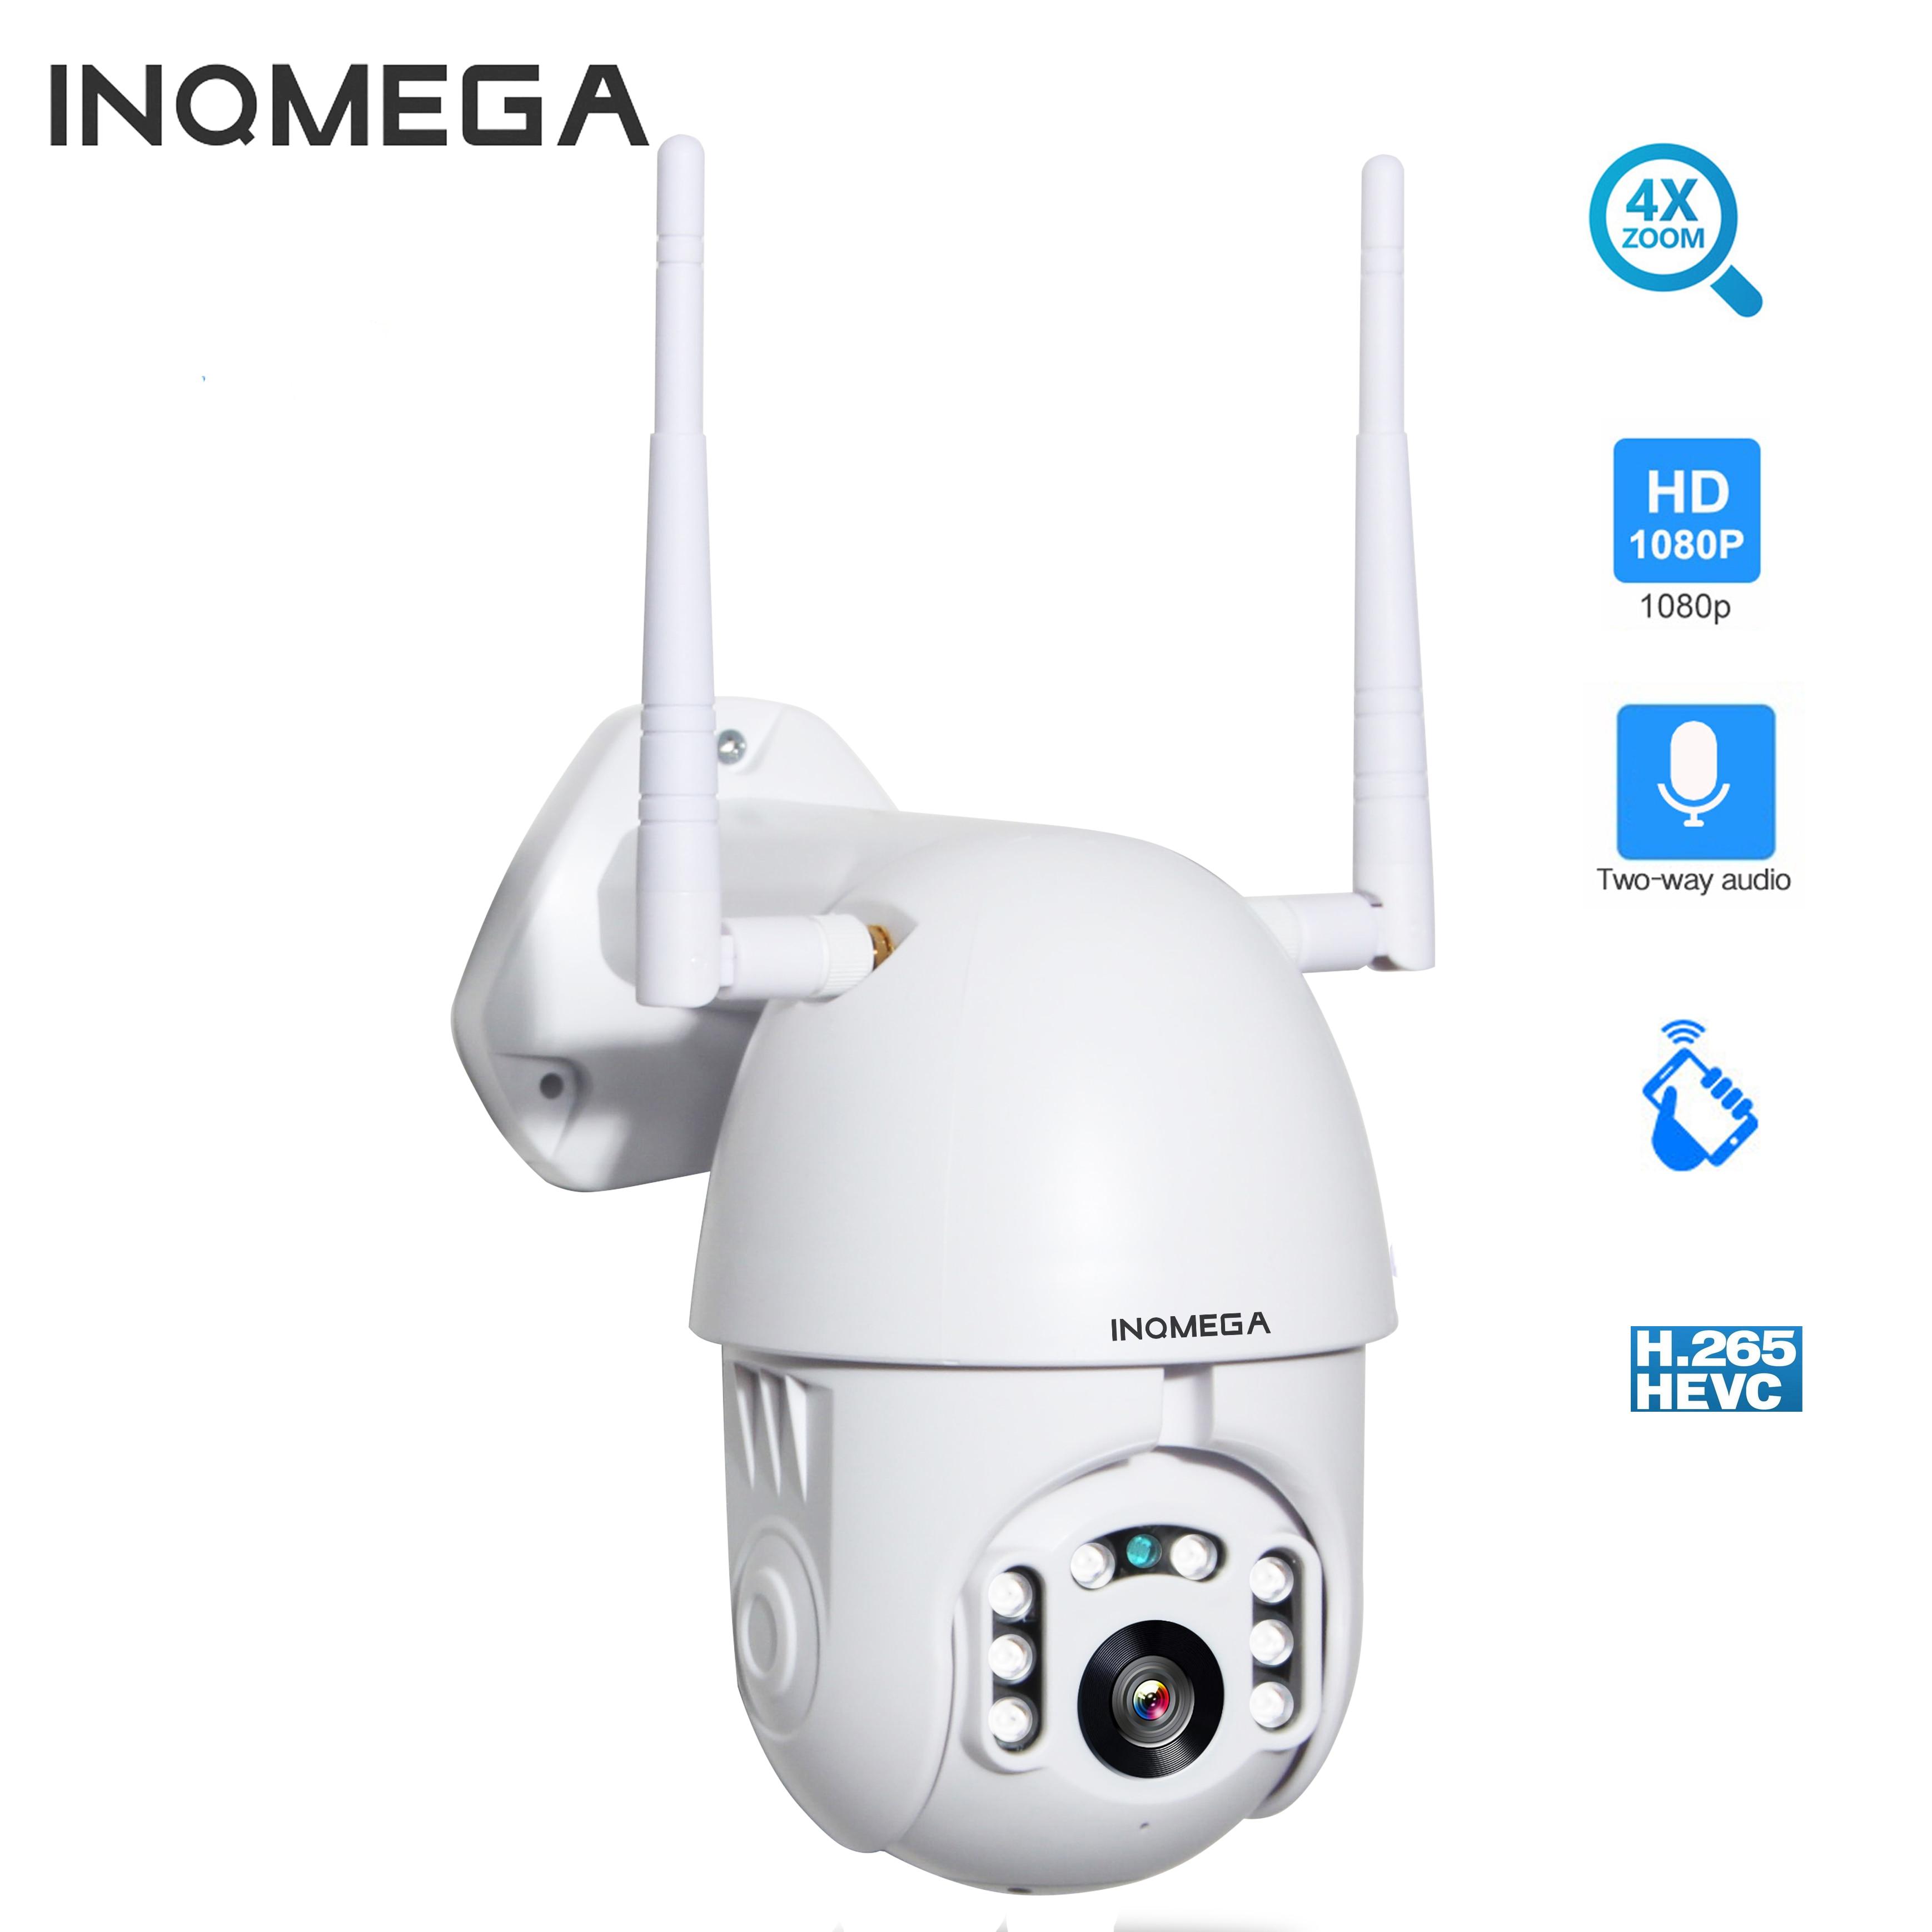 INQMEGA 1080p cámara IP PTZ velocidad al aire libre 4X Zoom Digital H.265X Domo CCTV cámaras de seguridad WIFI Exterior IR vigilancia del hogar